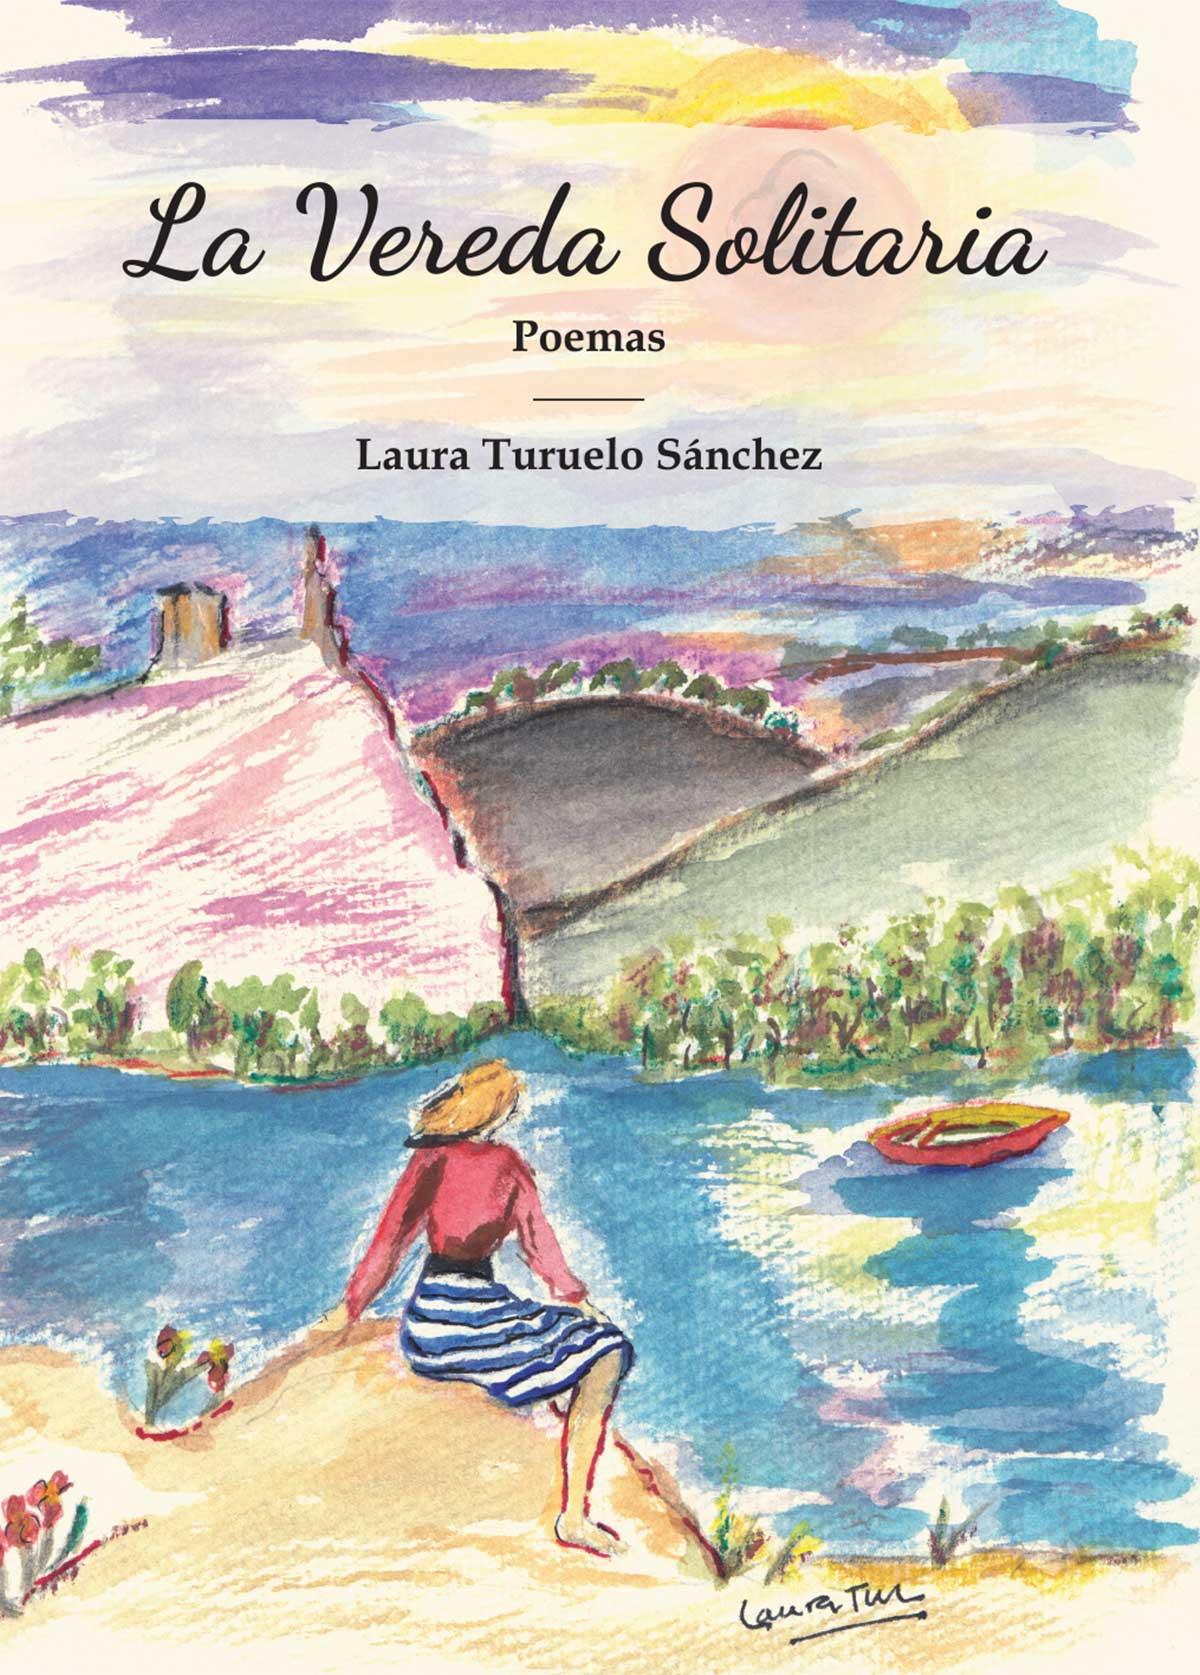 La Vereda Solitaria, poemas Laura Turuelo Sanchez Editorial Semuret